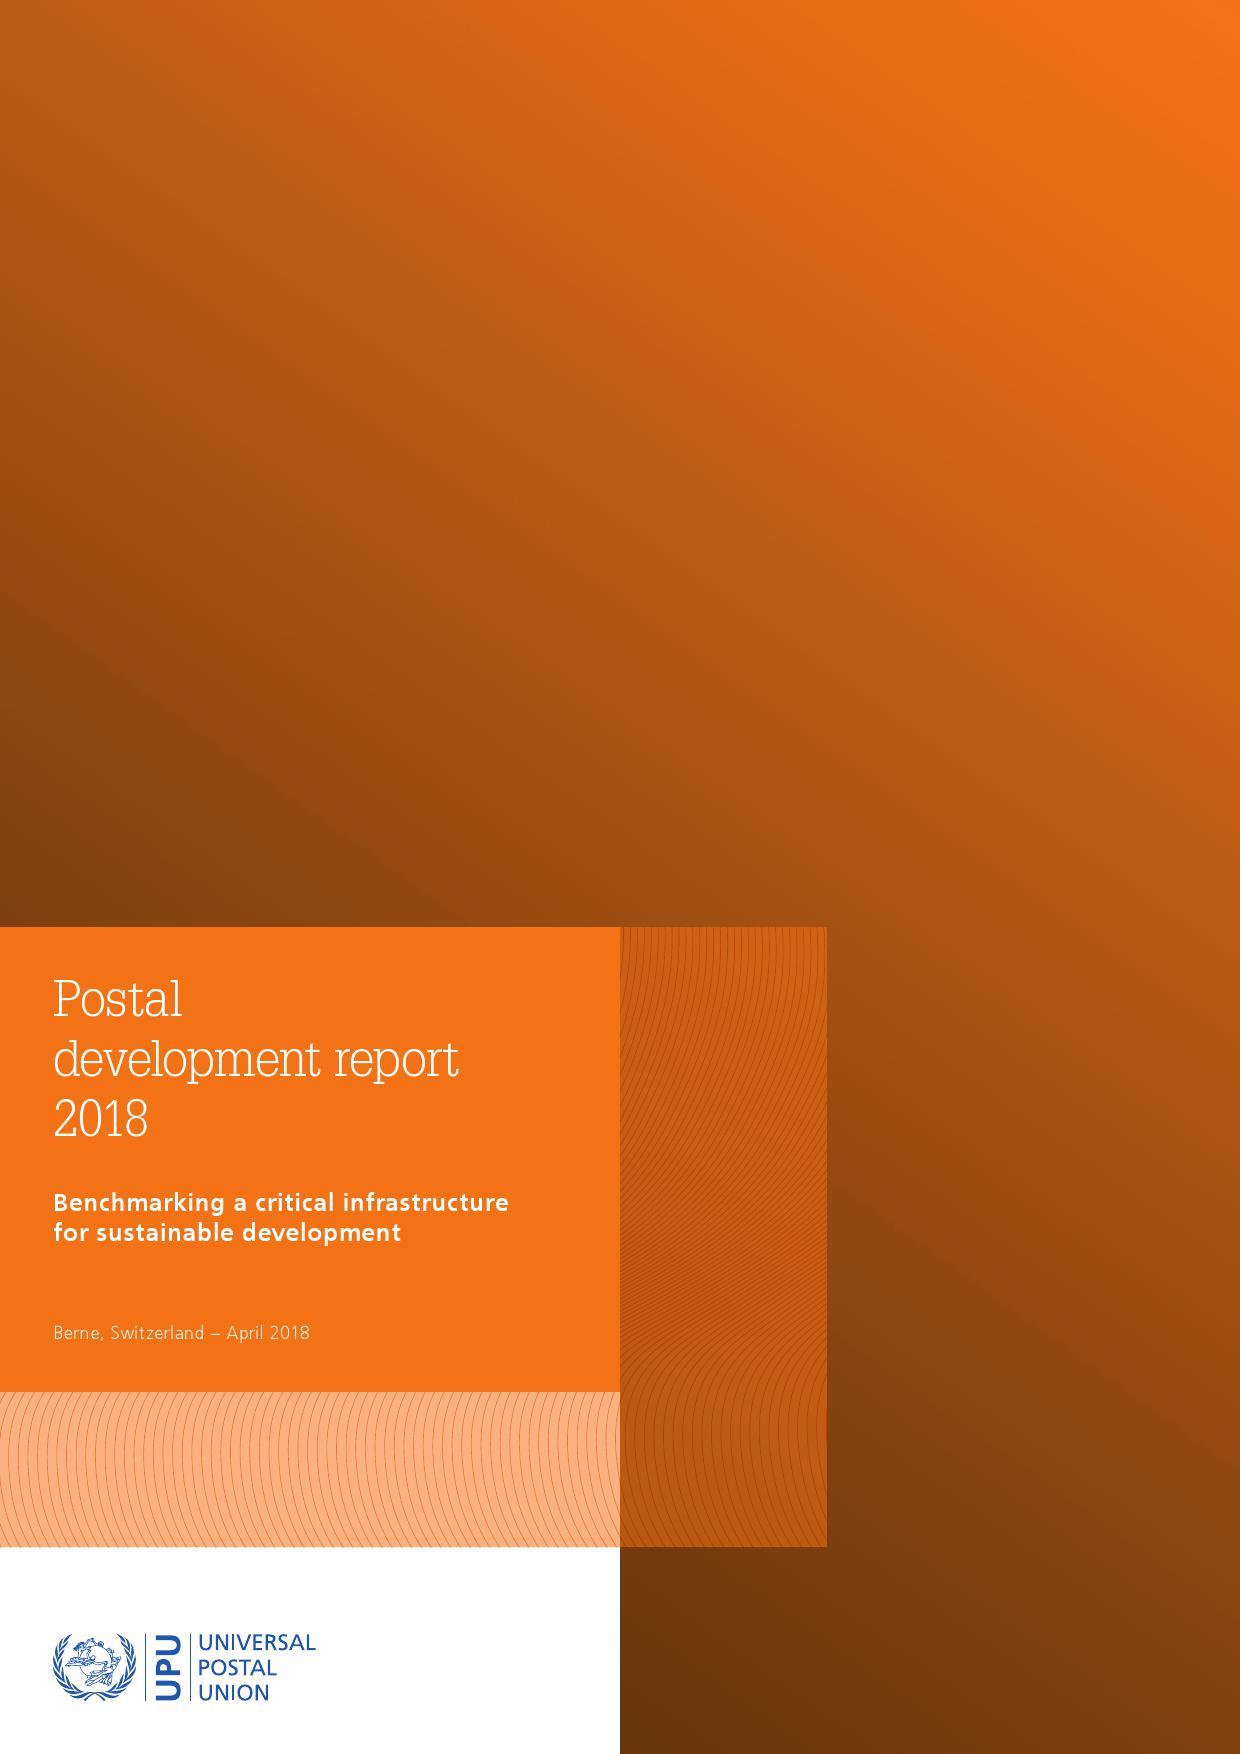 万国邮政联盟:2018年邮政发展报告